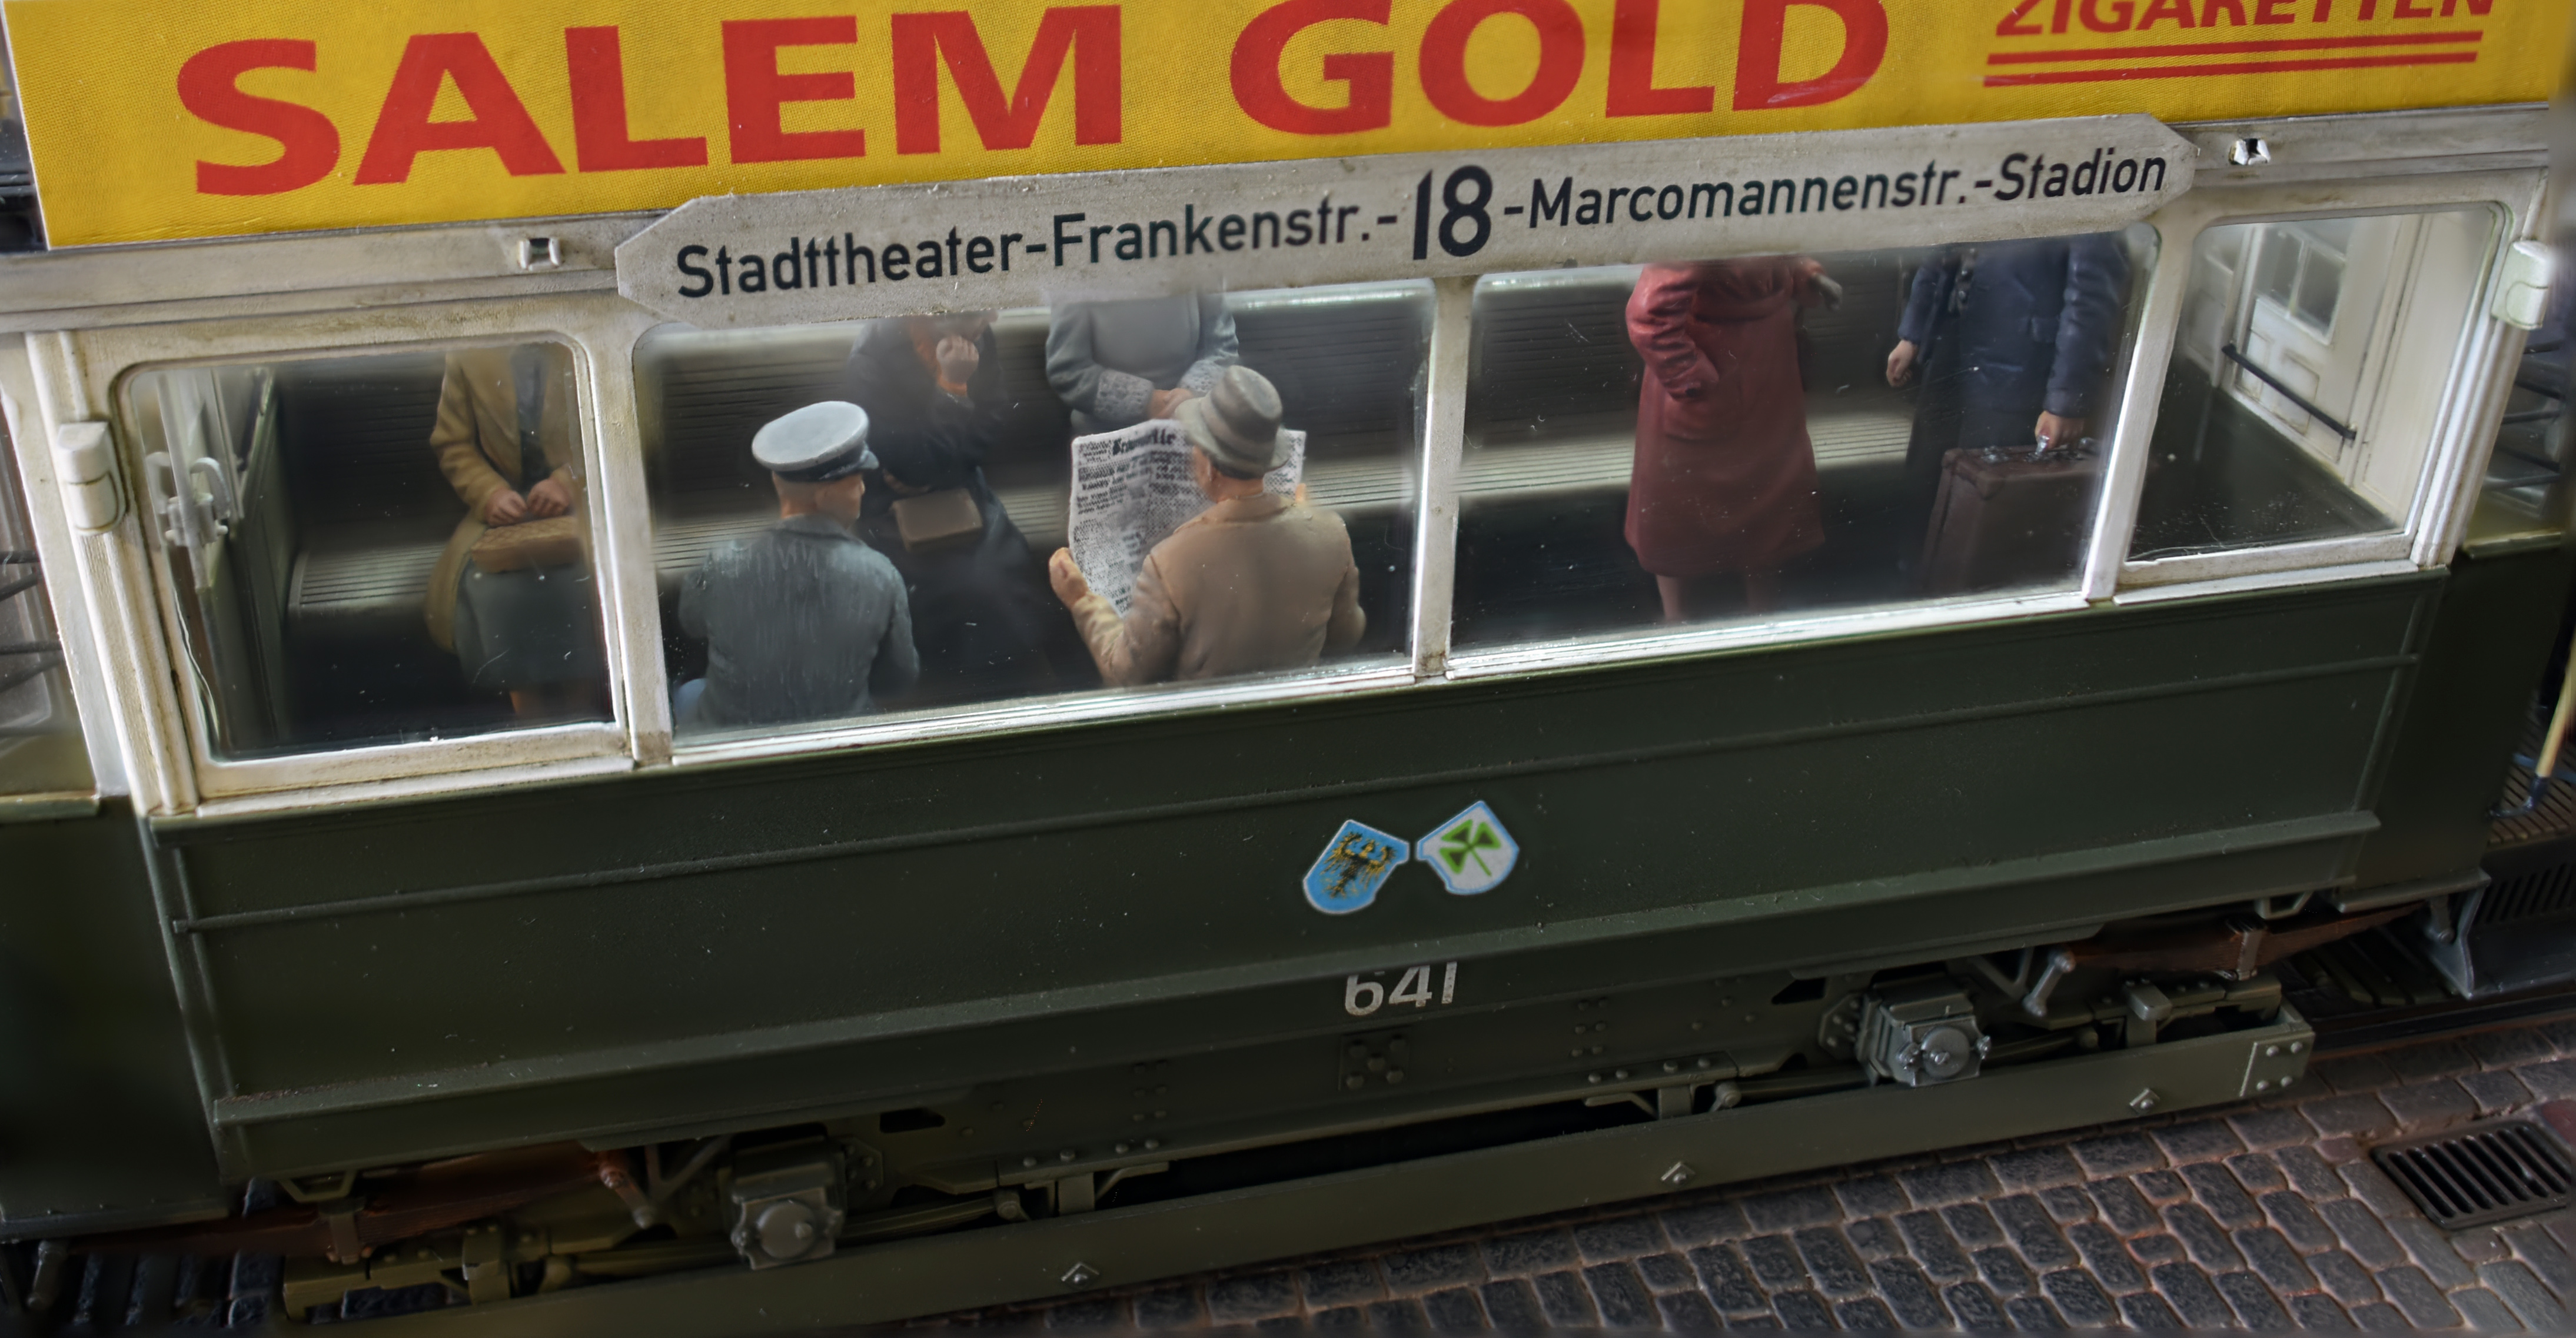 38009   EUROPÄISCHE TRAM mit der Besatzung und der Passagiere